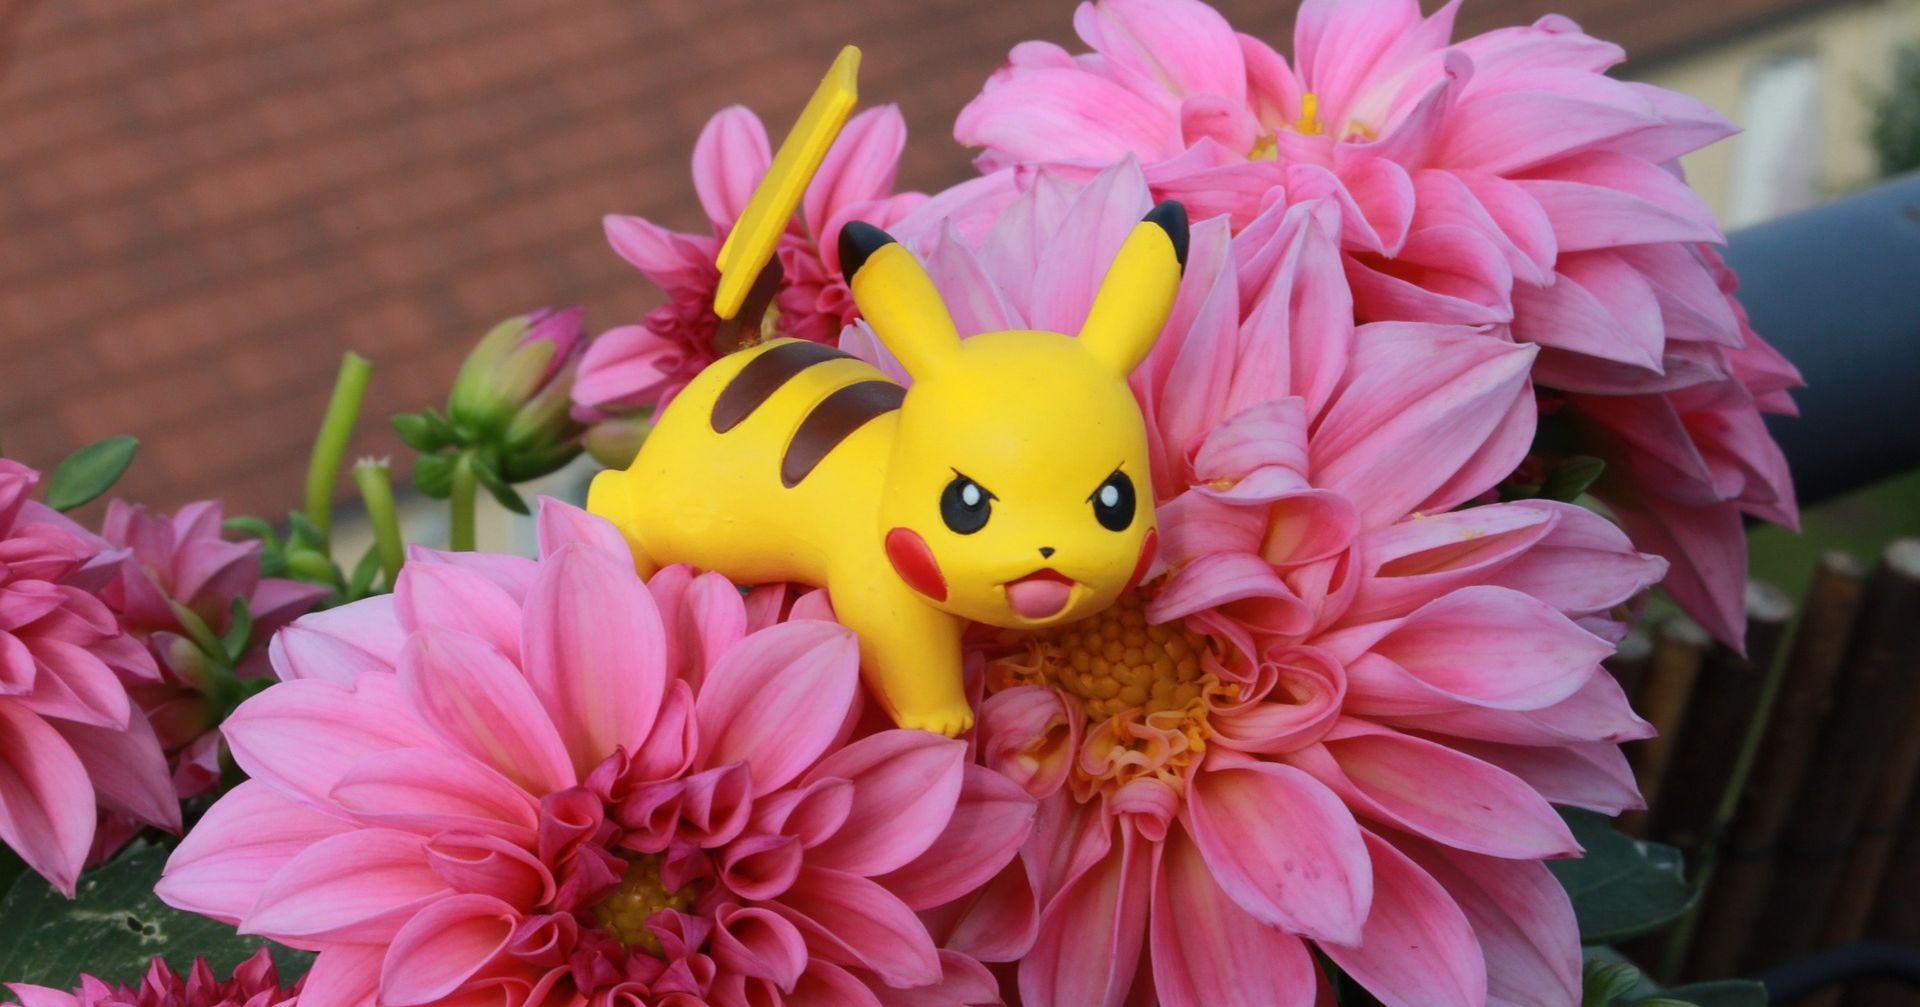 NIJE DUGO TREBALO Sljedeće godine počinje snimanje filma o Pikachuu